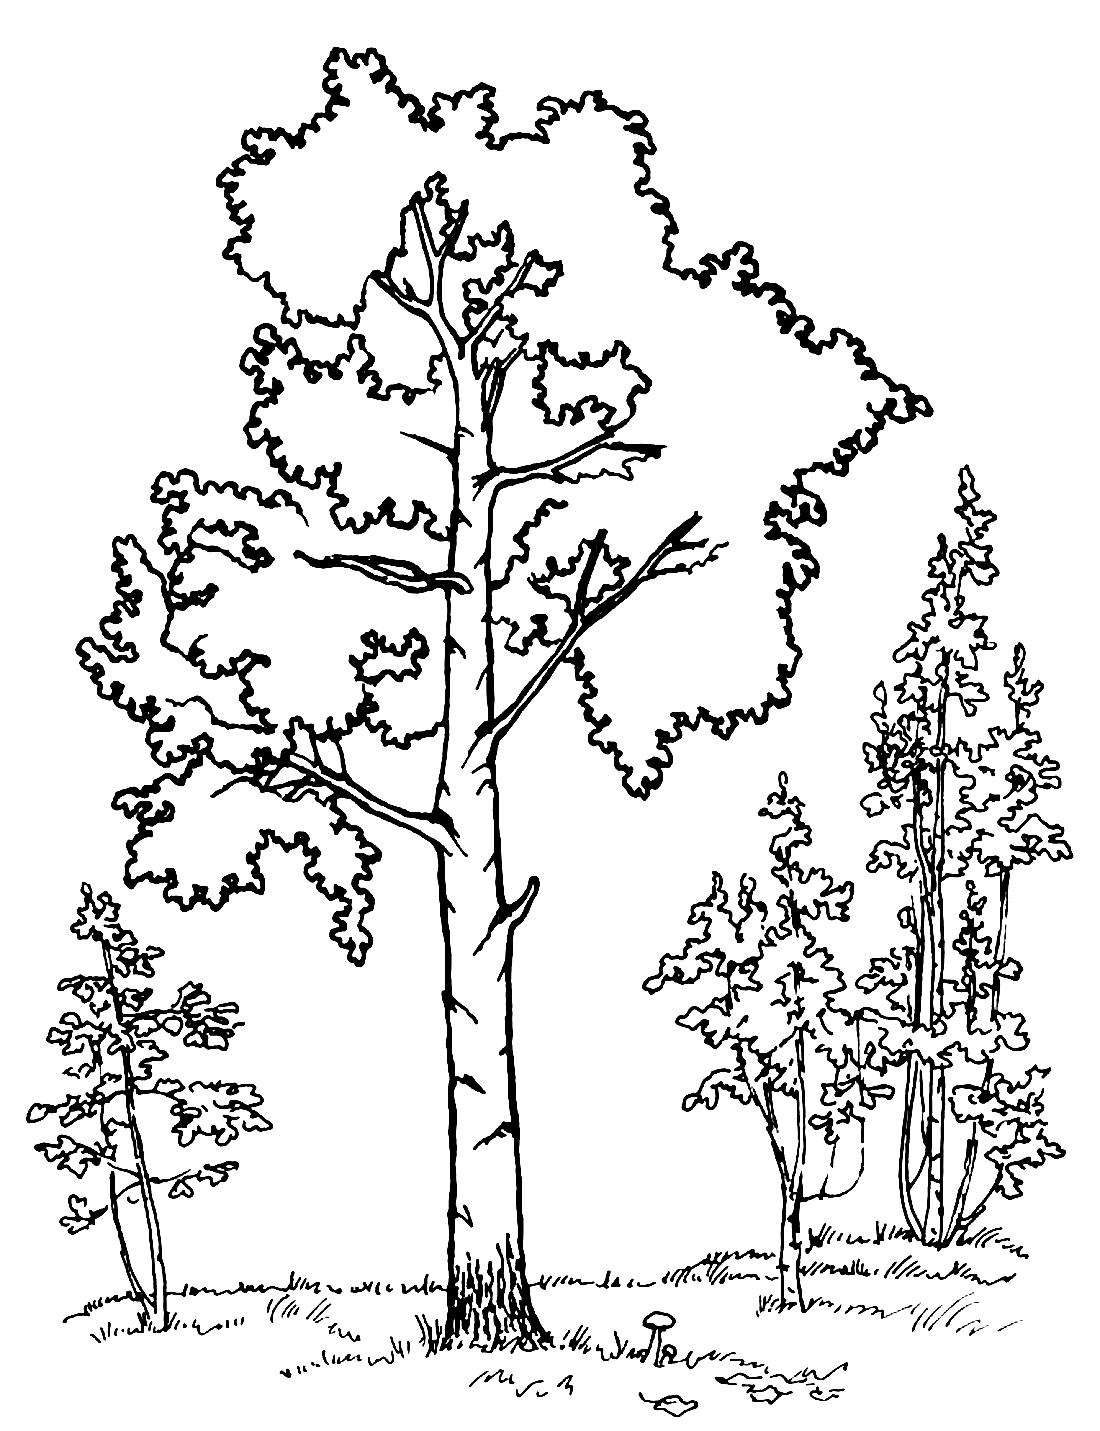 Береза в лесу - раскраска №13347 | Printonic.ru